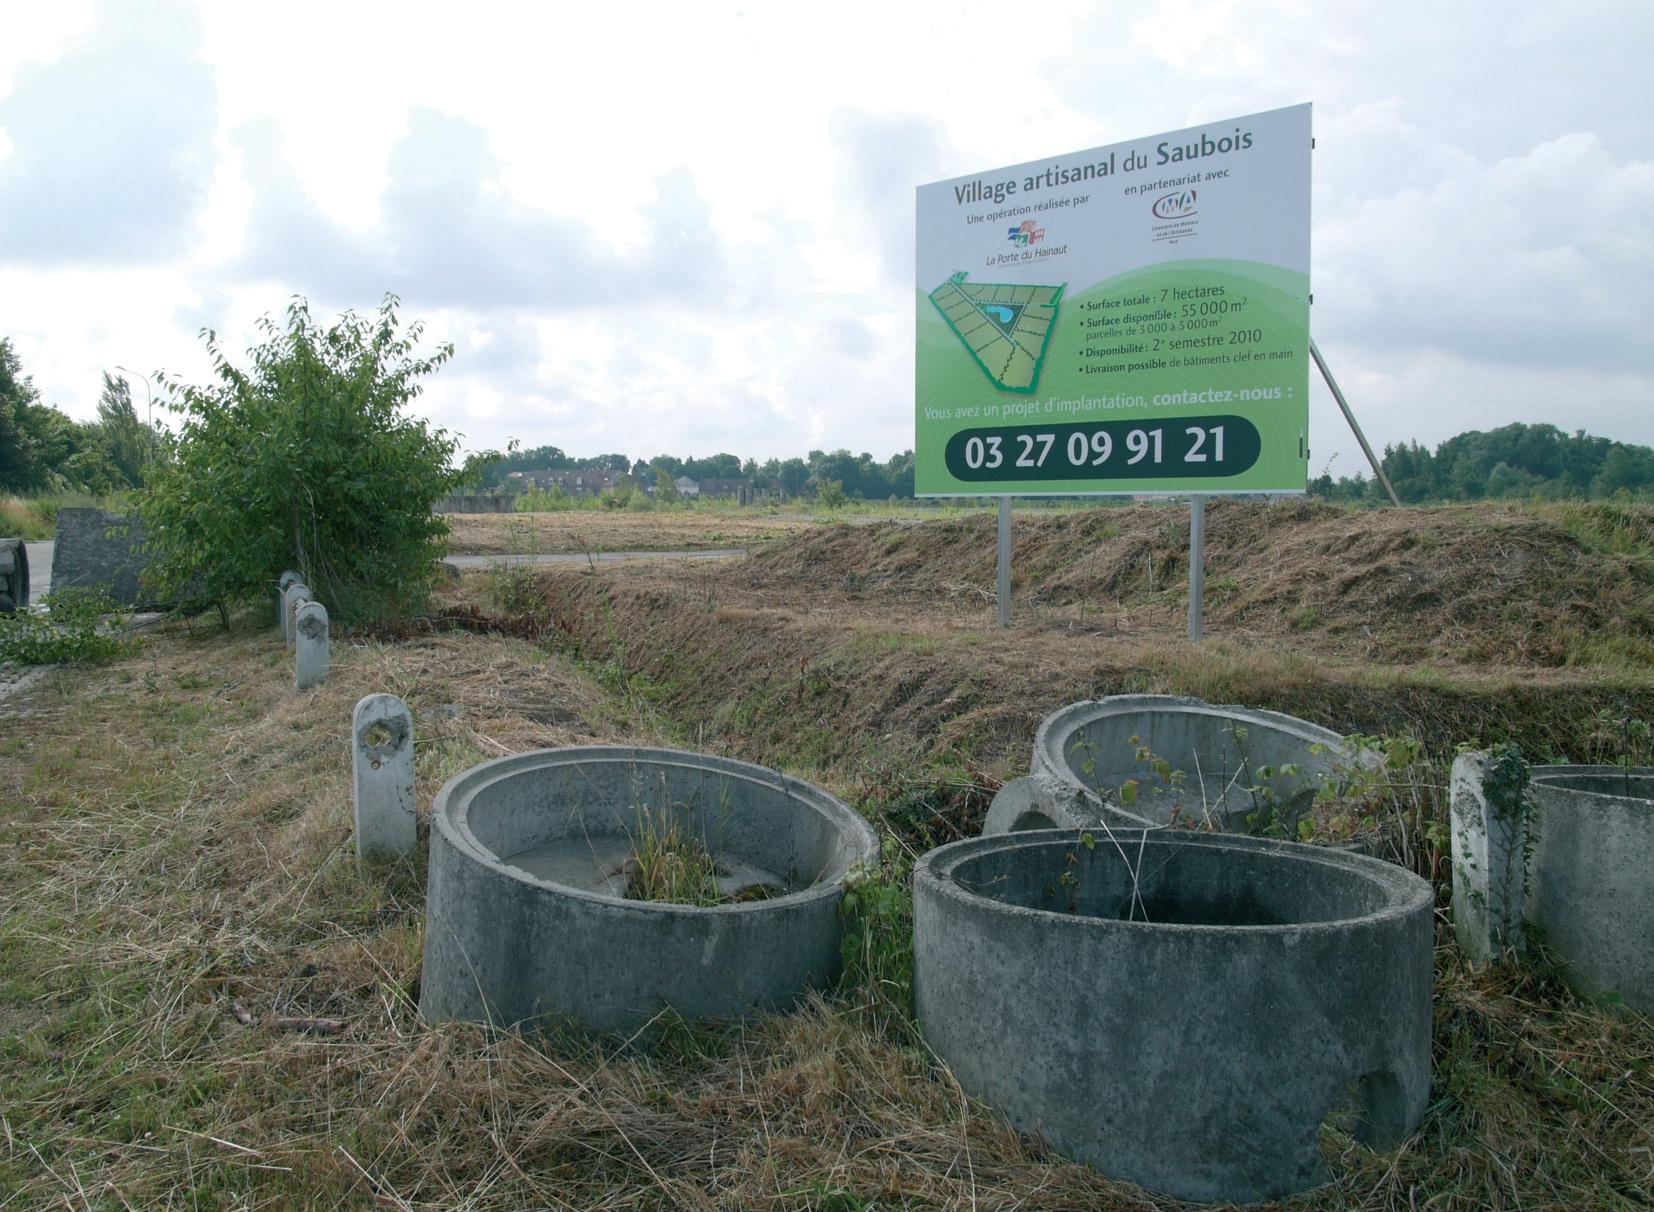 La friche Bona à Saint-Amand-les-Eaux va devenir village d'artisans, une bonne opportunité pour l'installation de jeunes TPE.